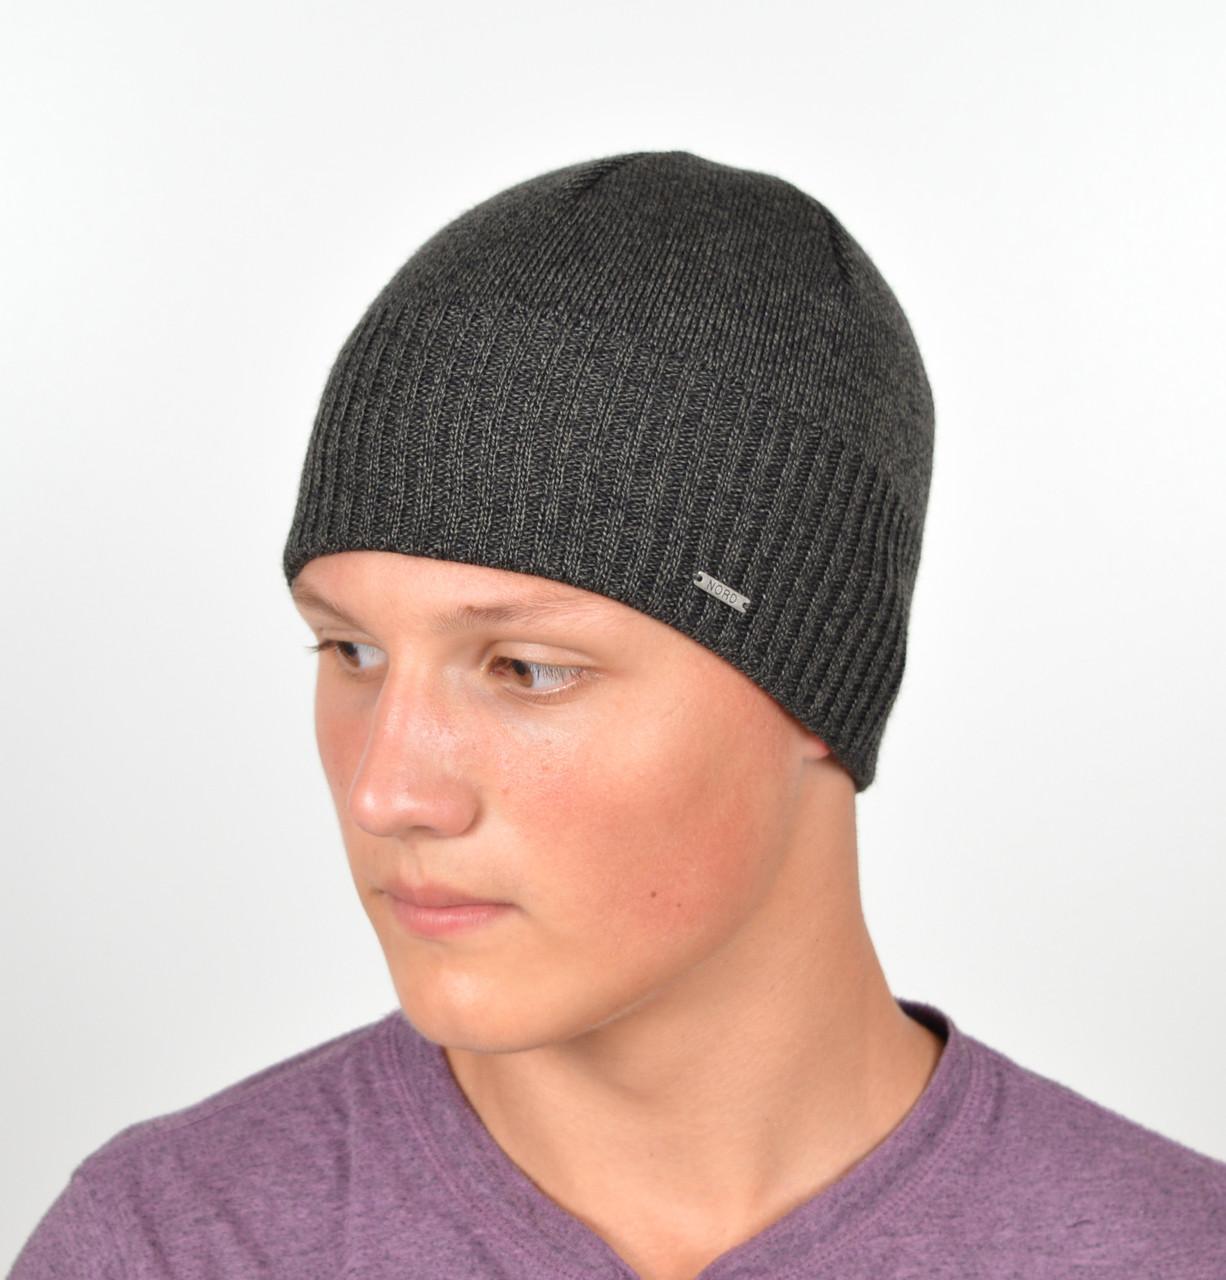 мужская шапка Норд